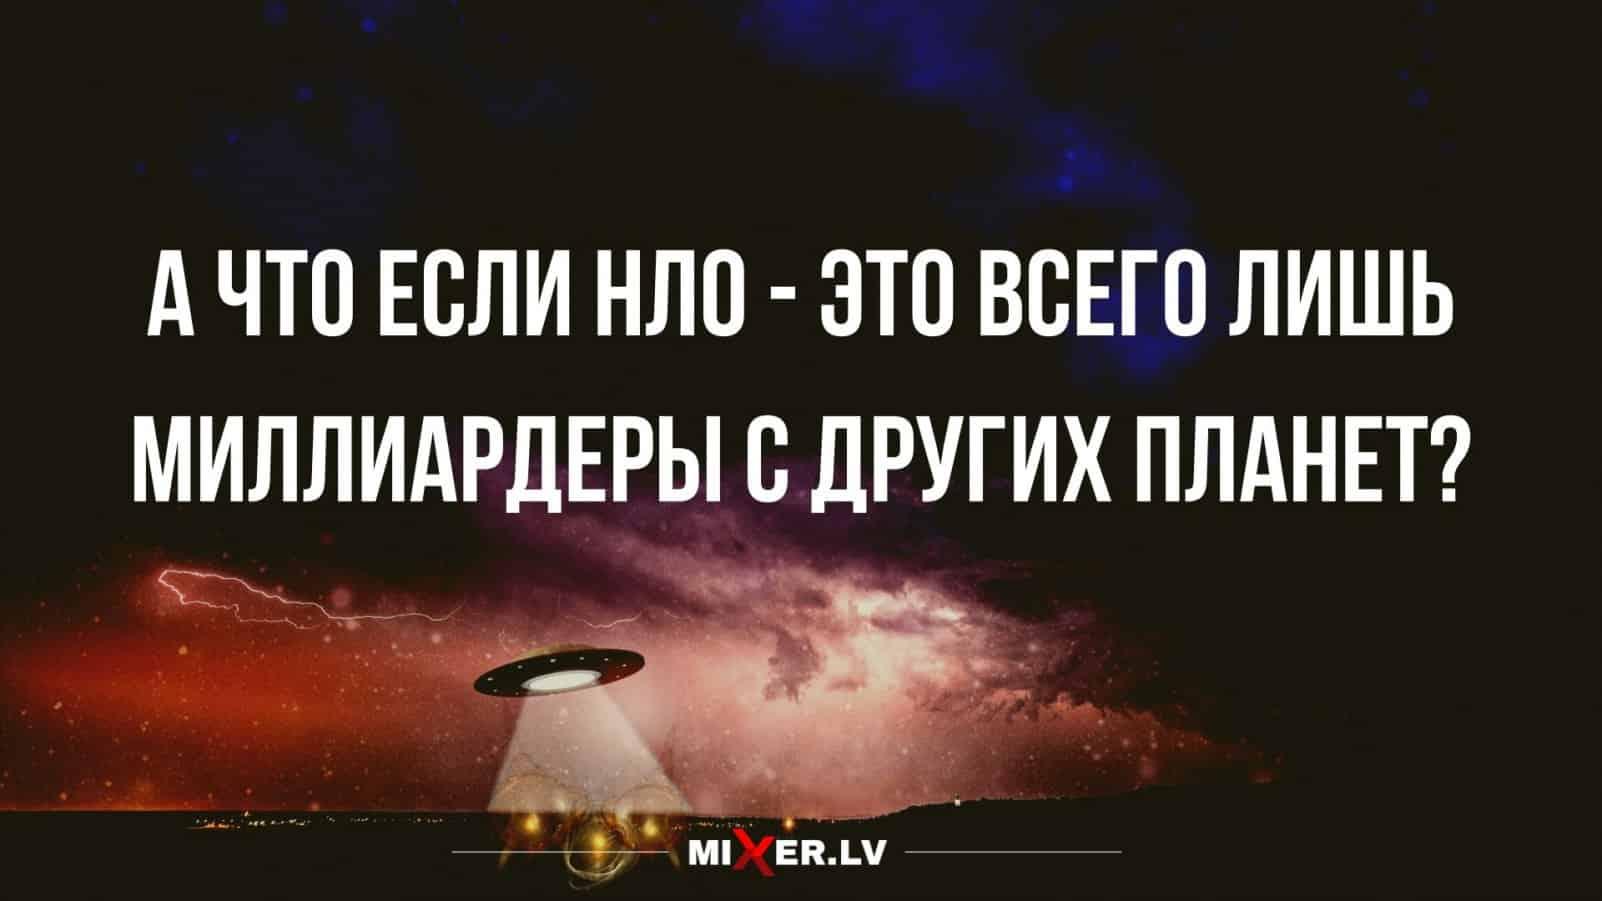 Юмор за день и НЛО